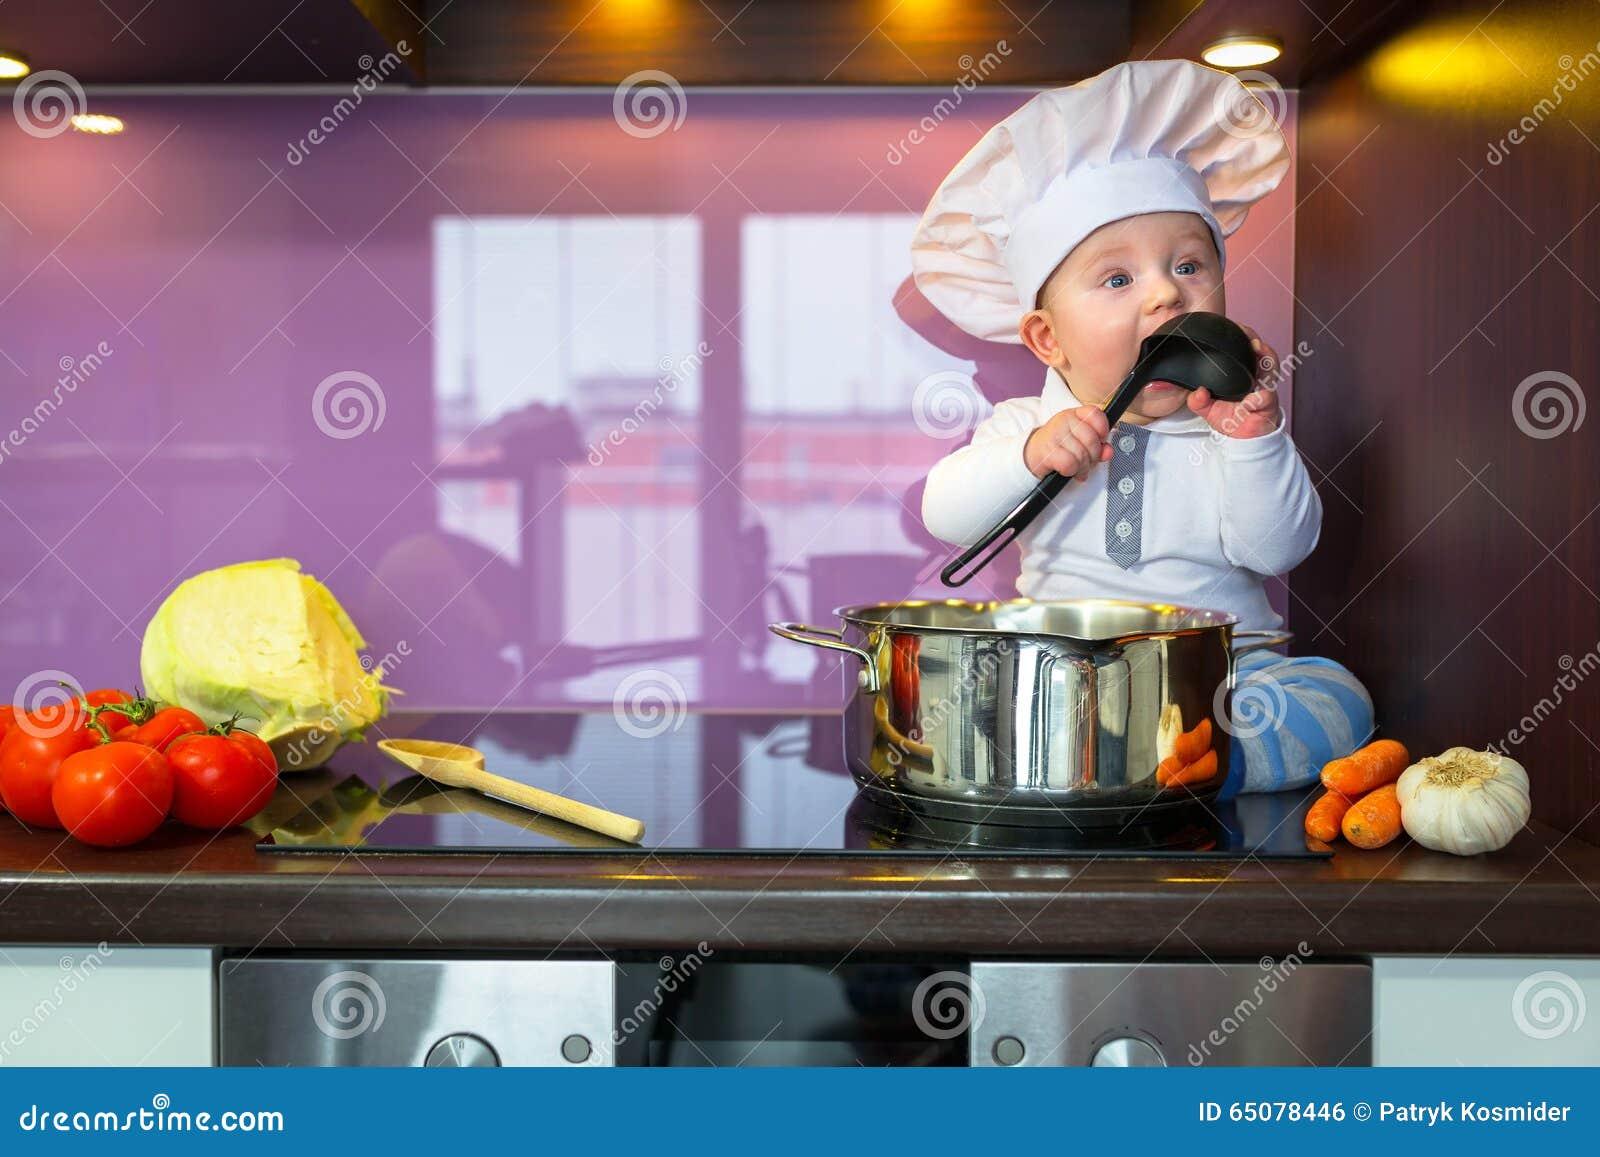 Keuken Voor Weinig : Weinig chef kok het koken in de keuken stock foto afbeelding